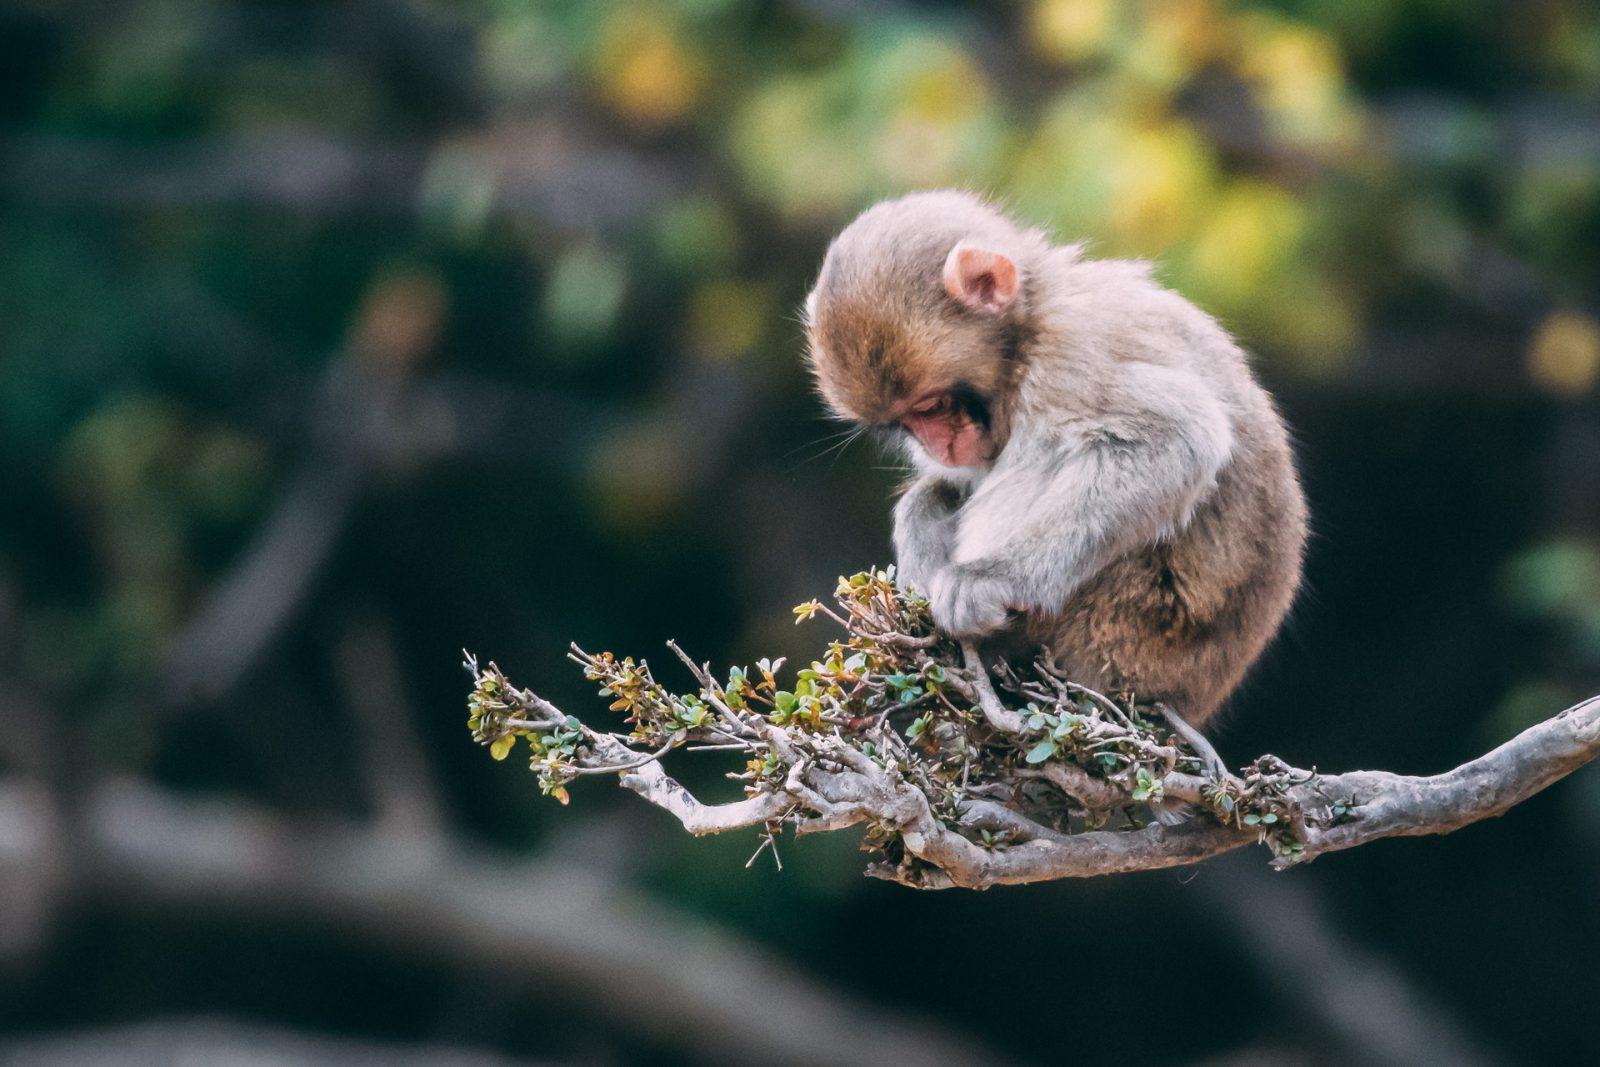 Sonhar com macaco e ter medo é sinal de caos.